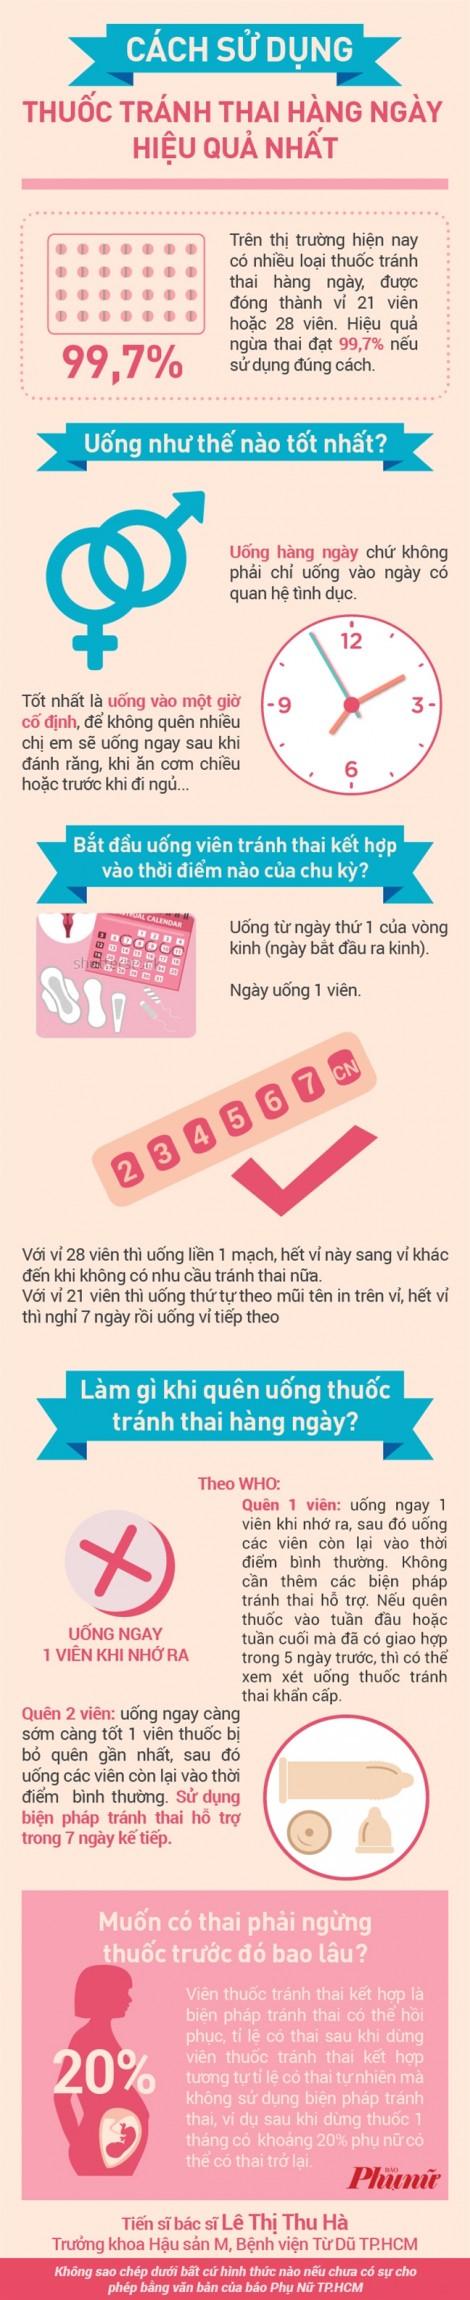 Cách sử dụng thuốc tránh thai hàng ngày hiệu quả nhất